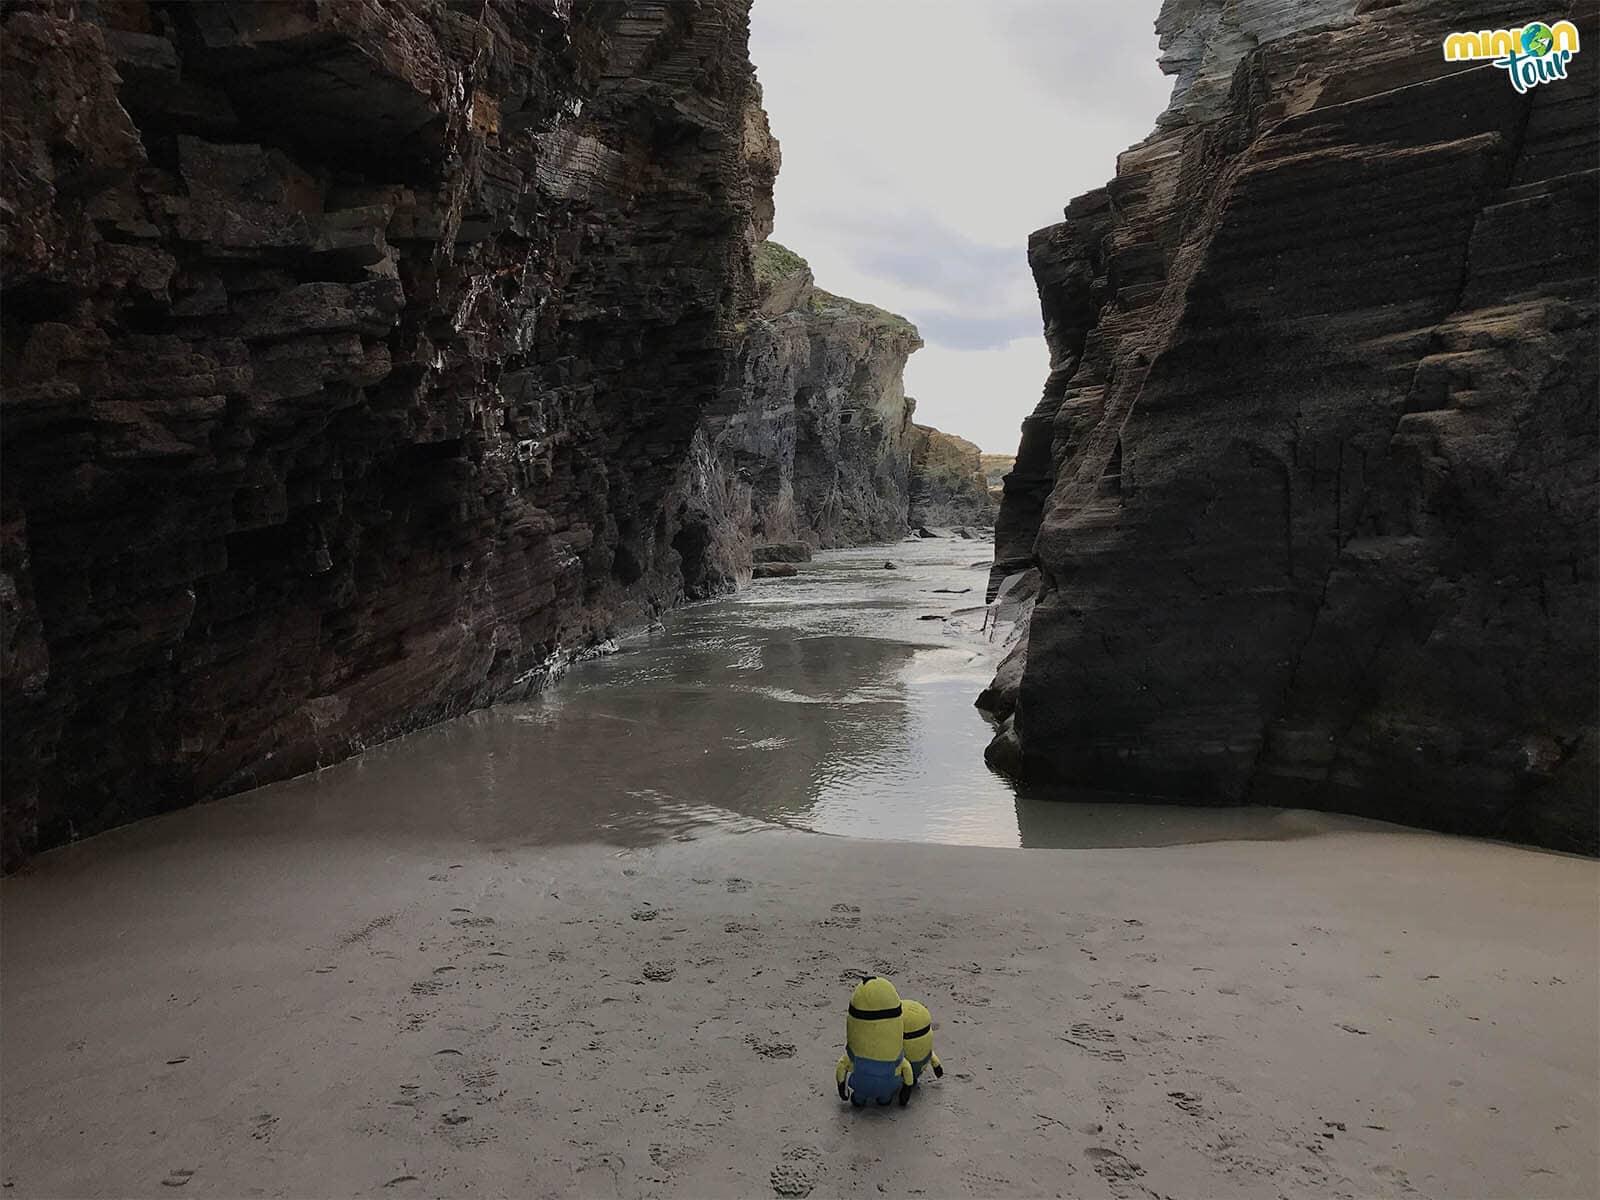 Aquí casi acabamos engullidos por el mar